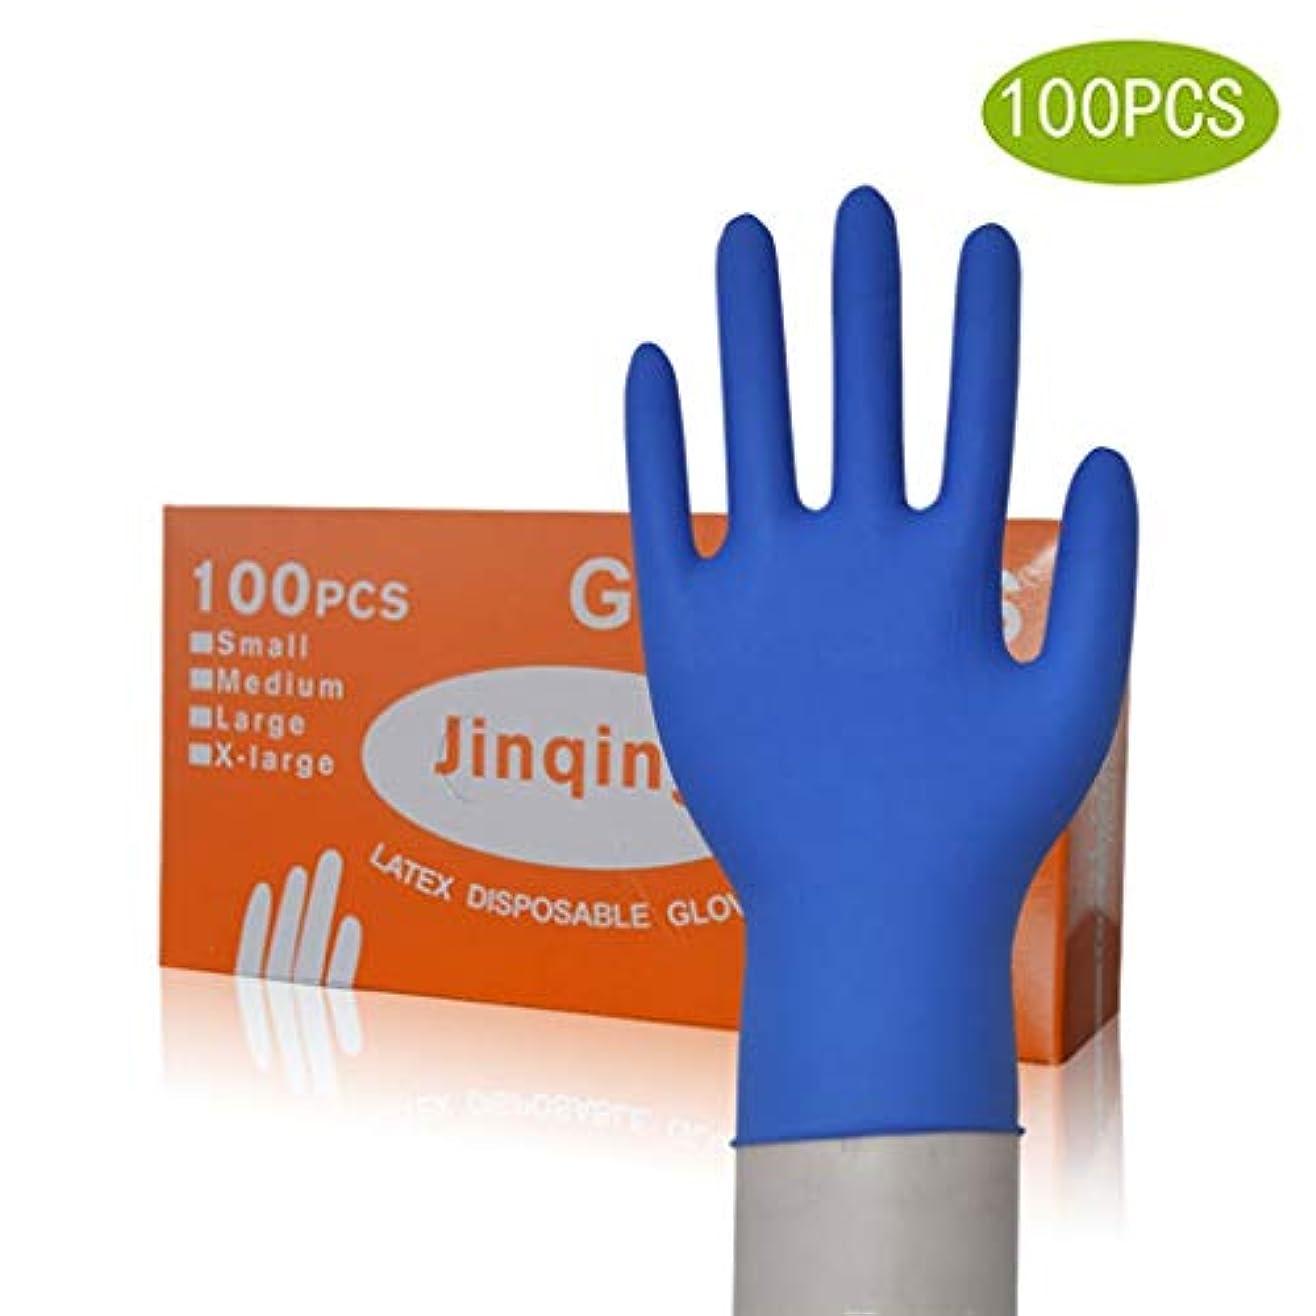 テレビ局感嘆符打倒ニトリル手袋使い捨て肥厚ブルーDingqing使い捨て手袋ラテックス食品美容家事防水タトゥー|病院向けのプロフェッショナルグレード (Color : Blue, Size : M)